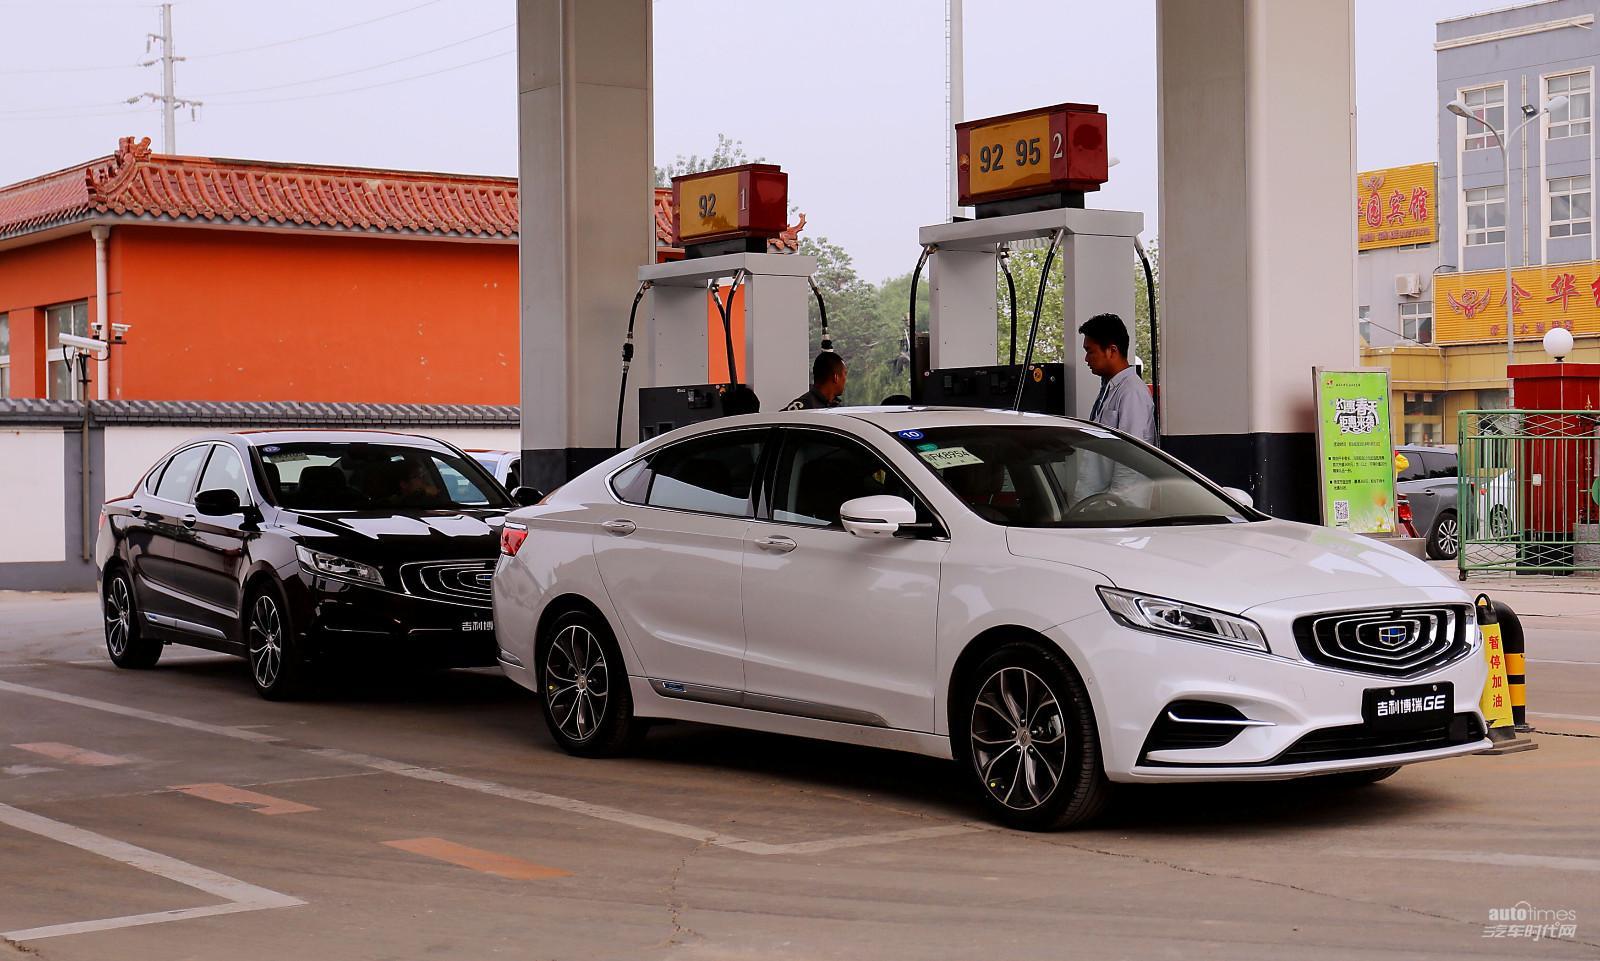 实测平均油耗仅4.3L 博瑞GE一箱油成功挑战京沪1200公里